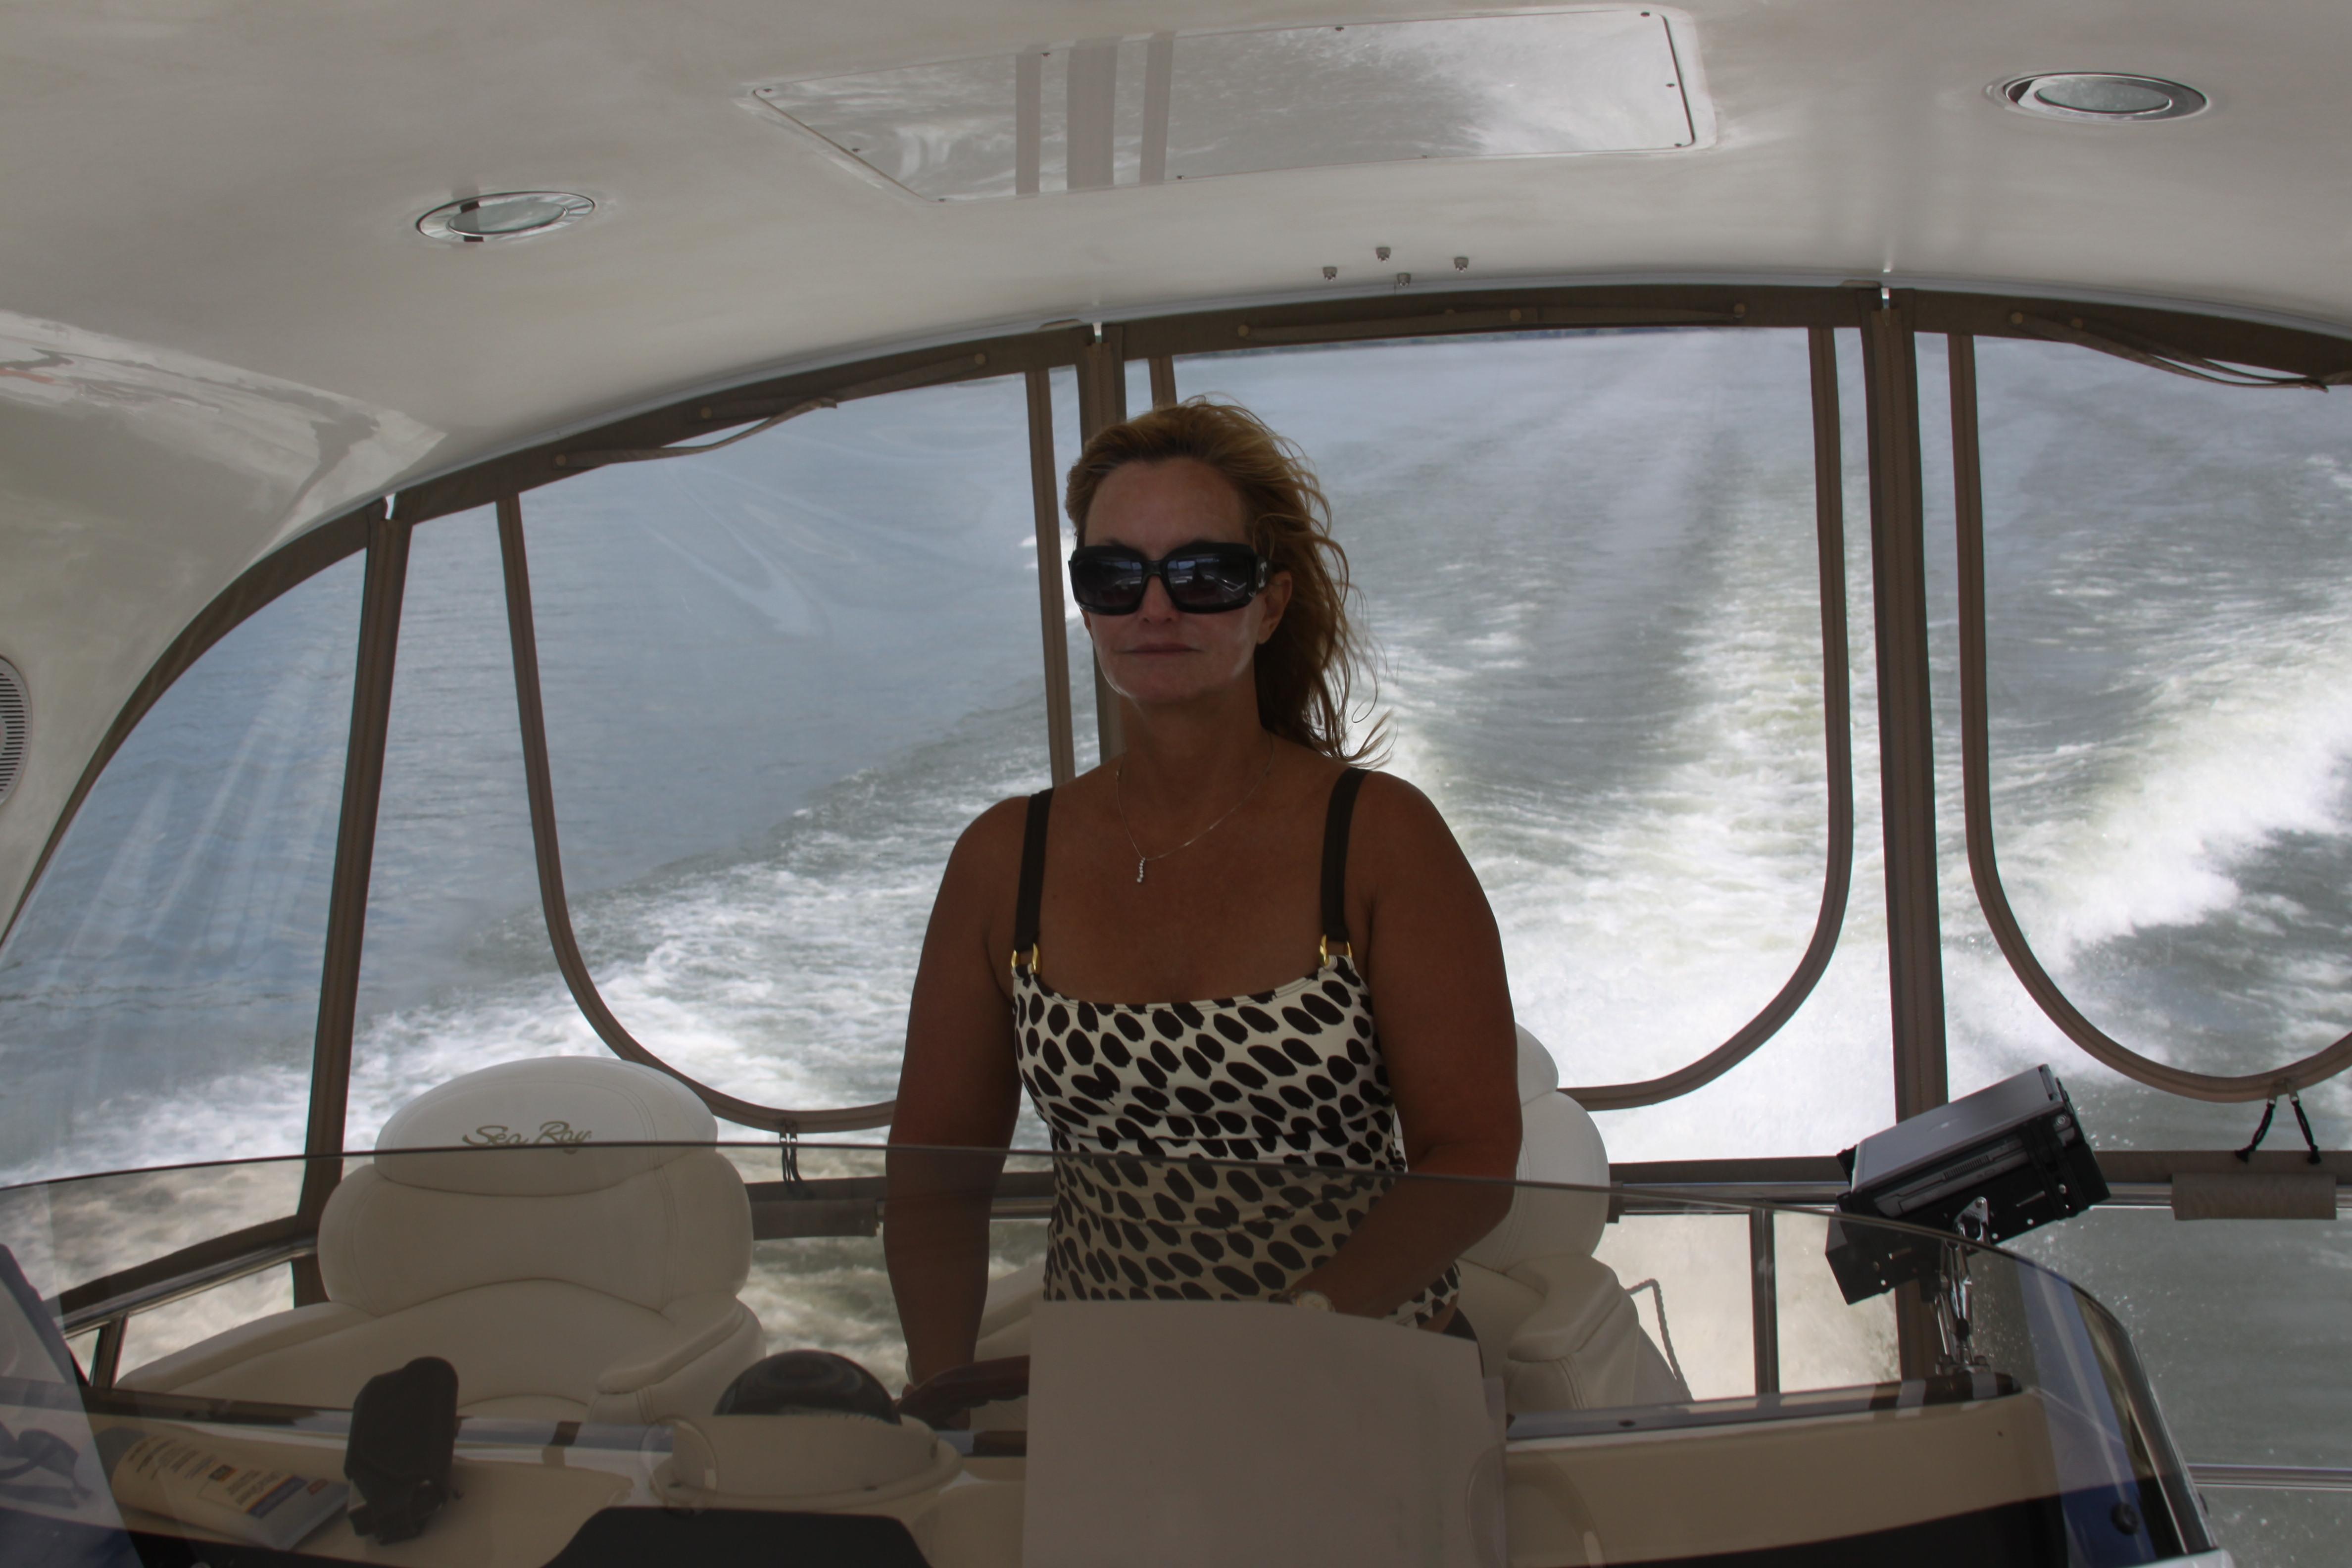 Sandy Sutterer